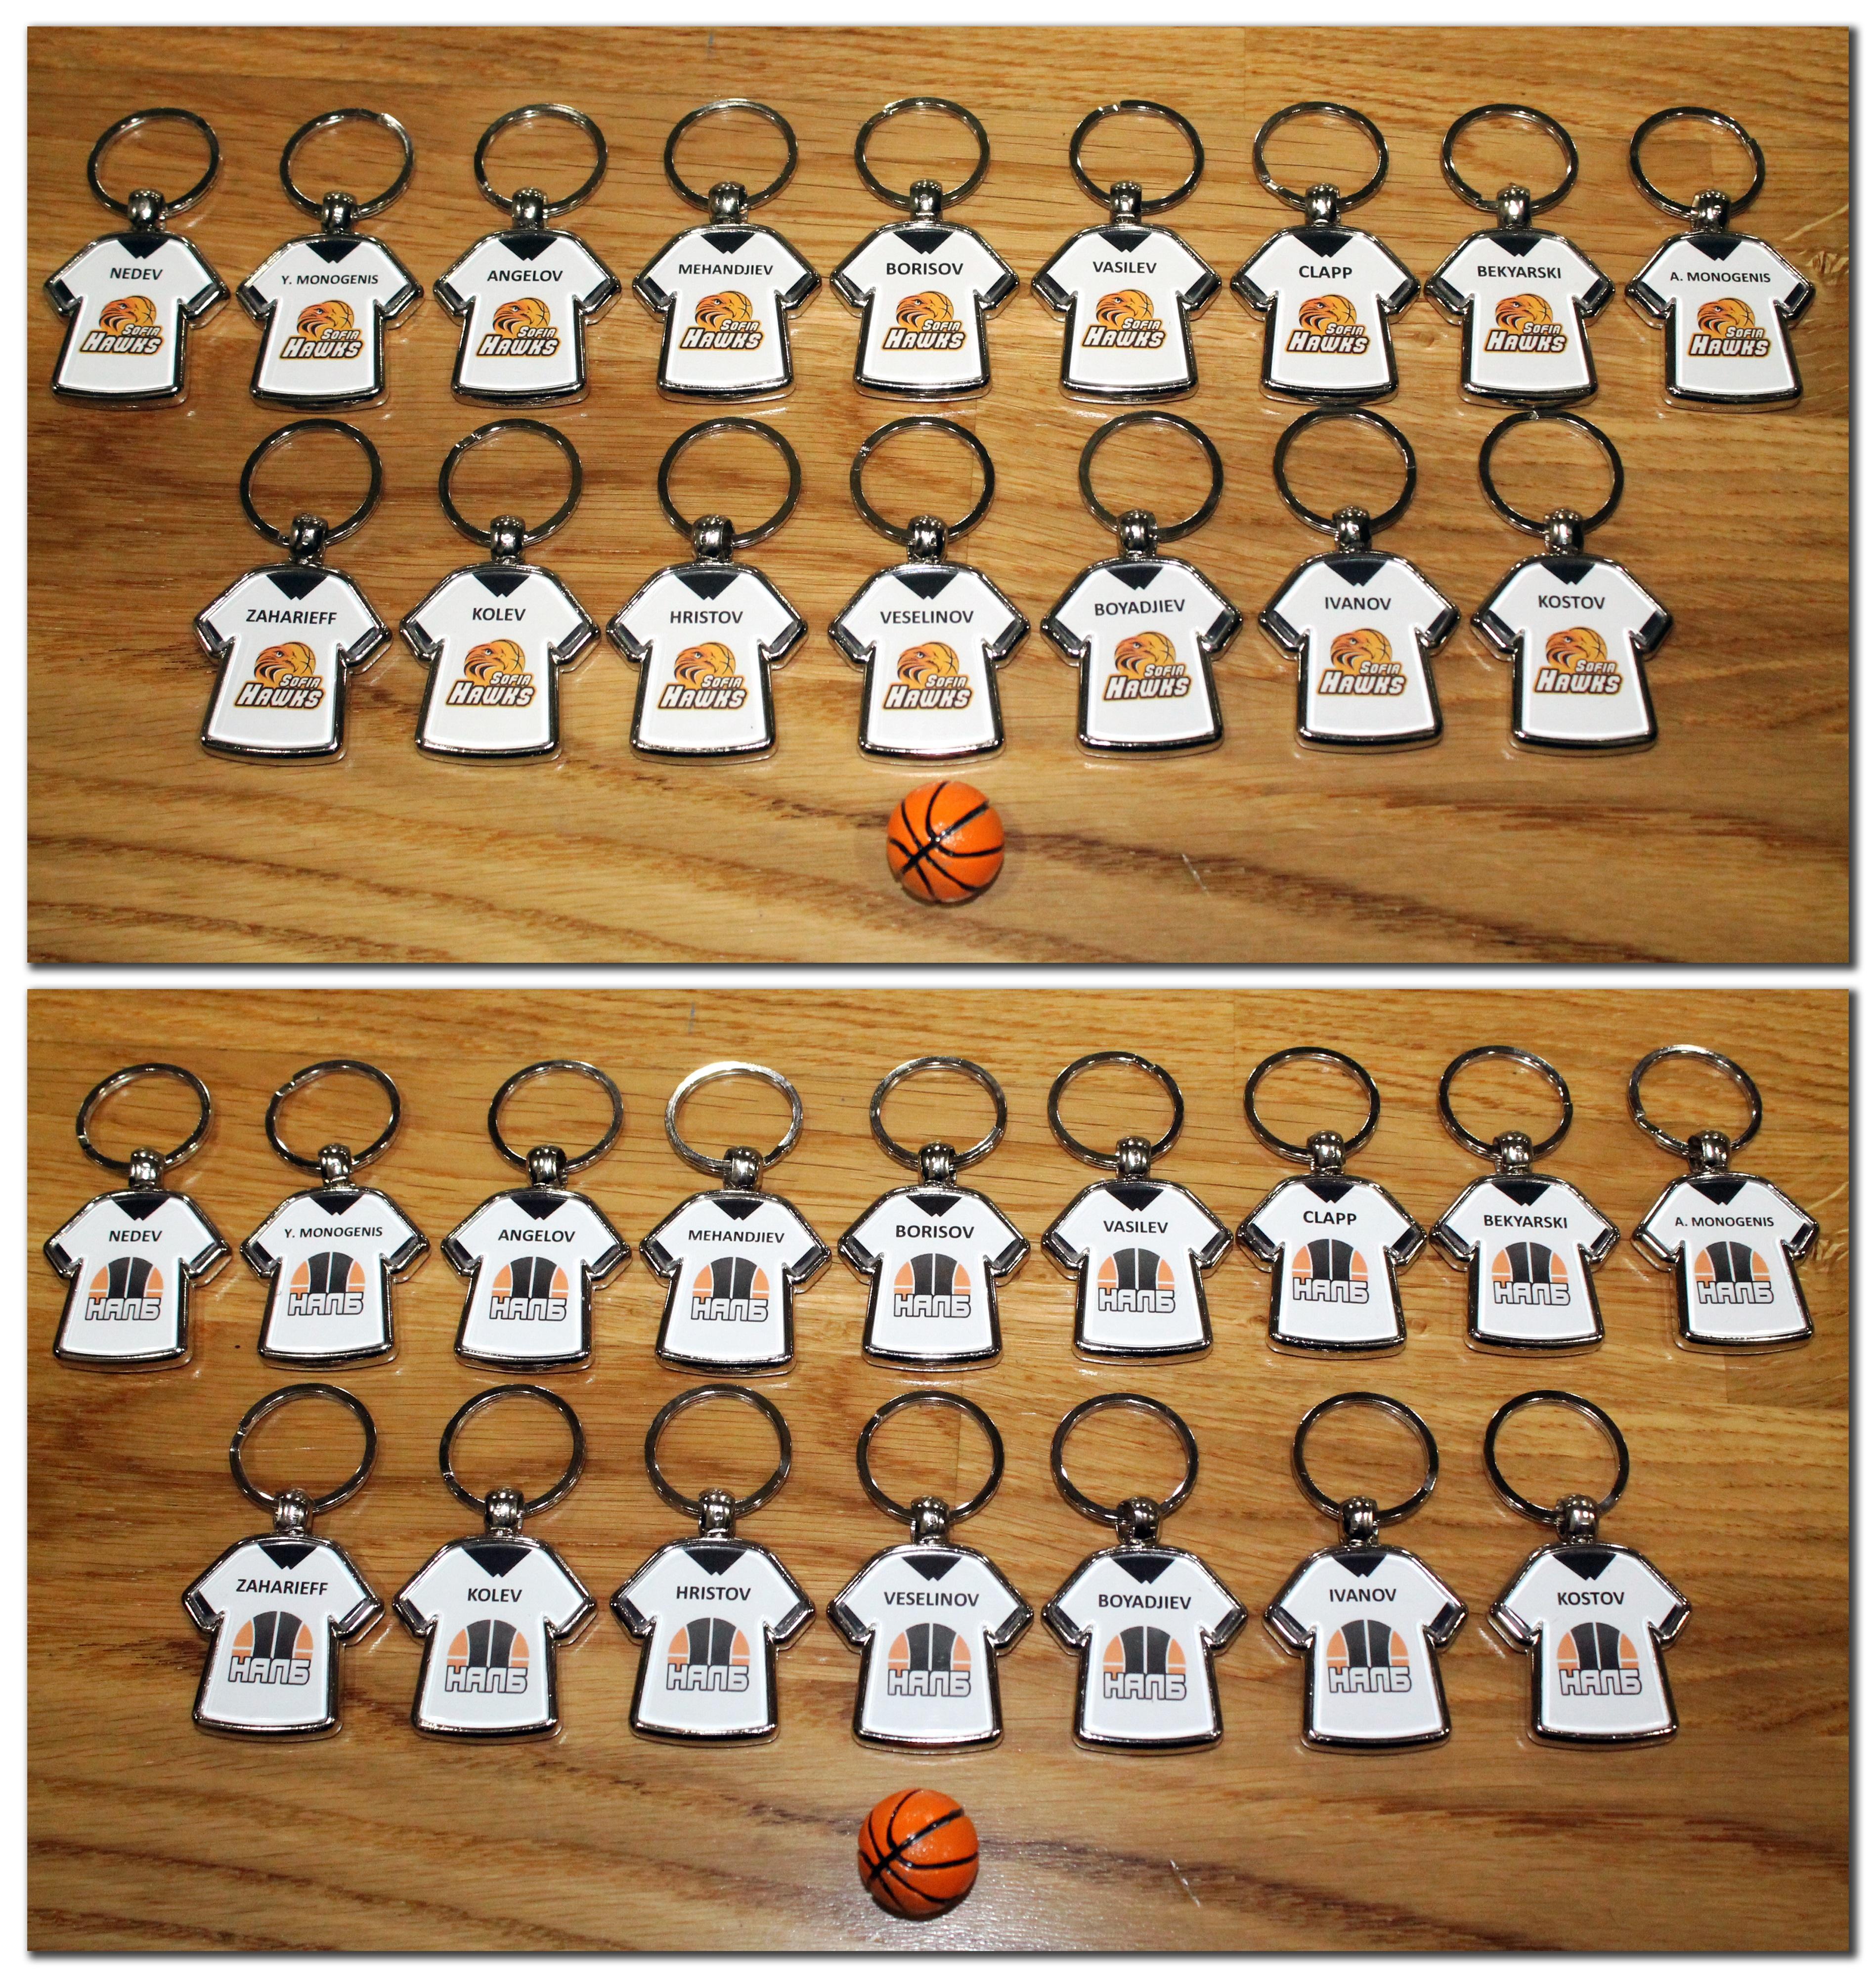 Персонализирани метални ключодържатели с имена и емблема на отбор за цял отбор (поръчка за поне 10 ключодържателя) - 5.00 лева/ключодържател*